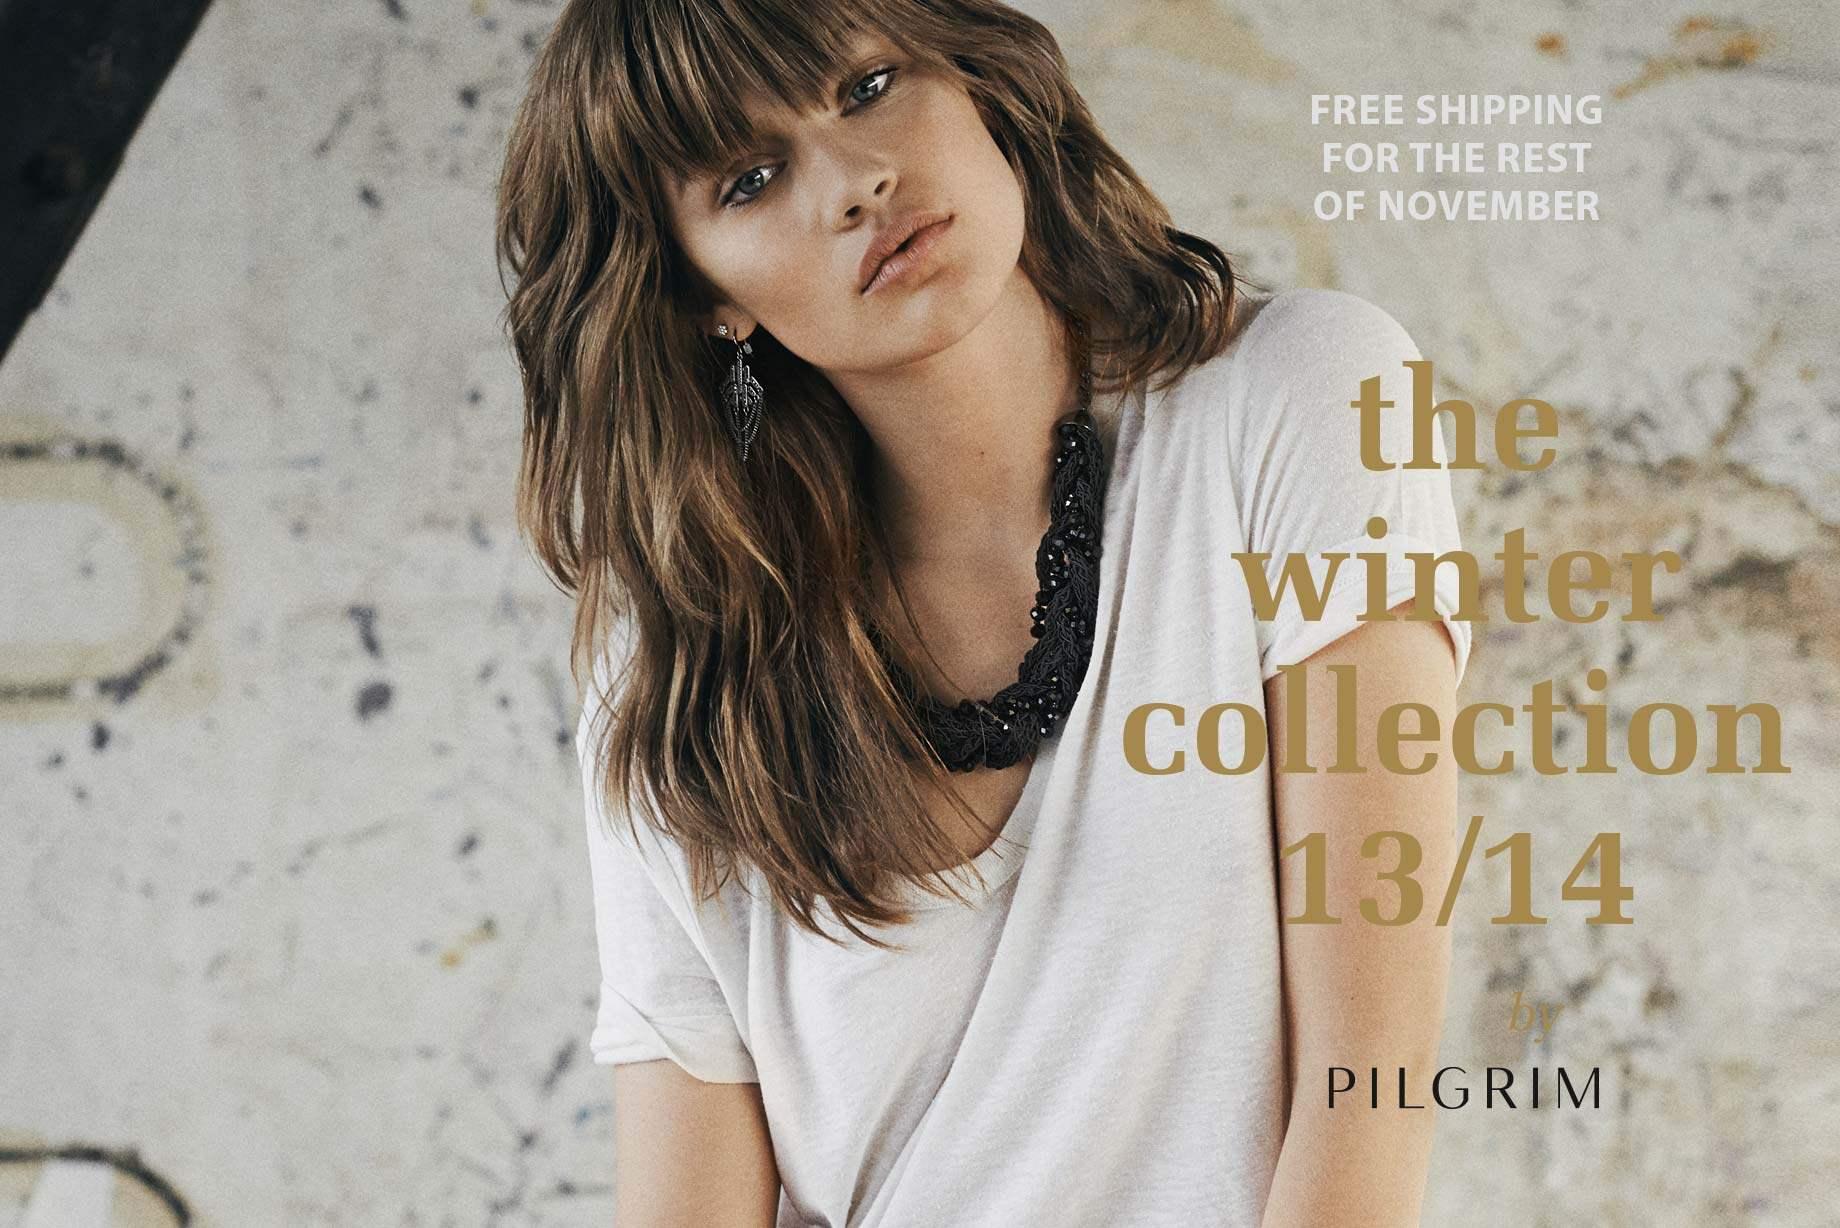 Erbjudande från Pilgrim Jewellery: Fri frakt under november